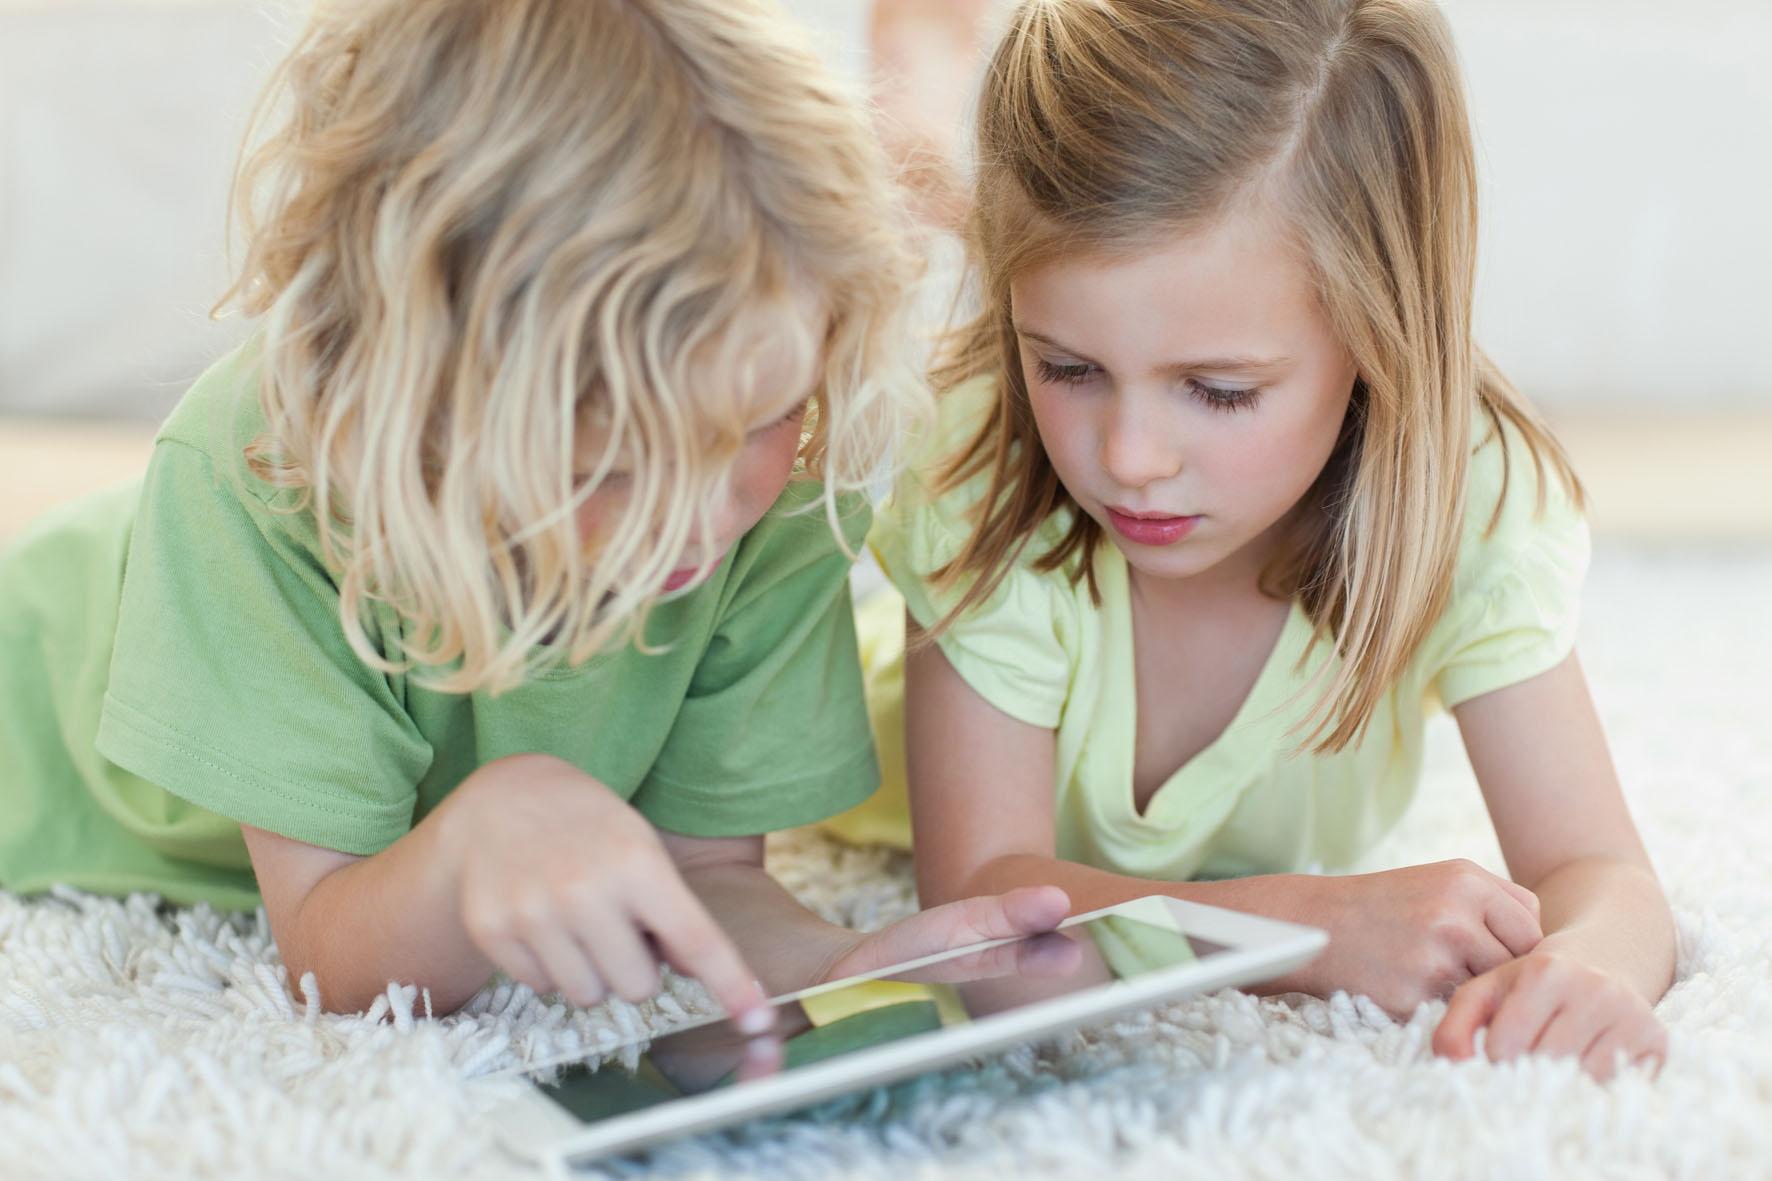 Психика здорового ребенка и современные технологии: как телефоны и планшеты влияют на детское развитие